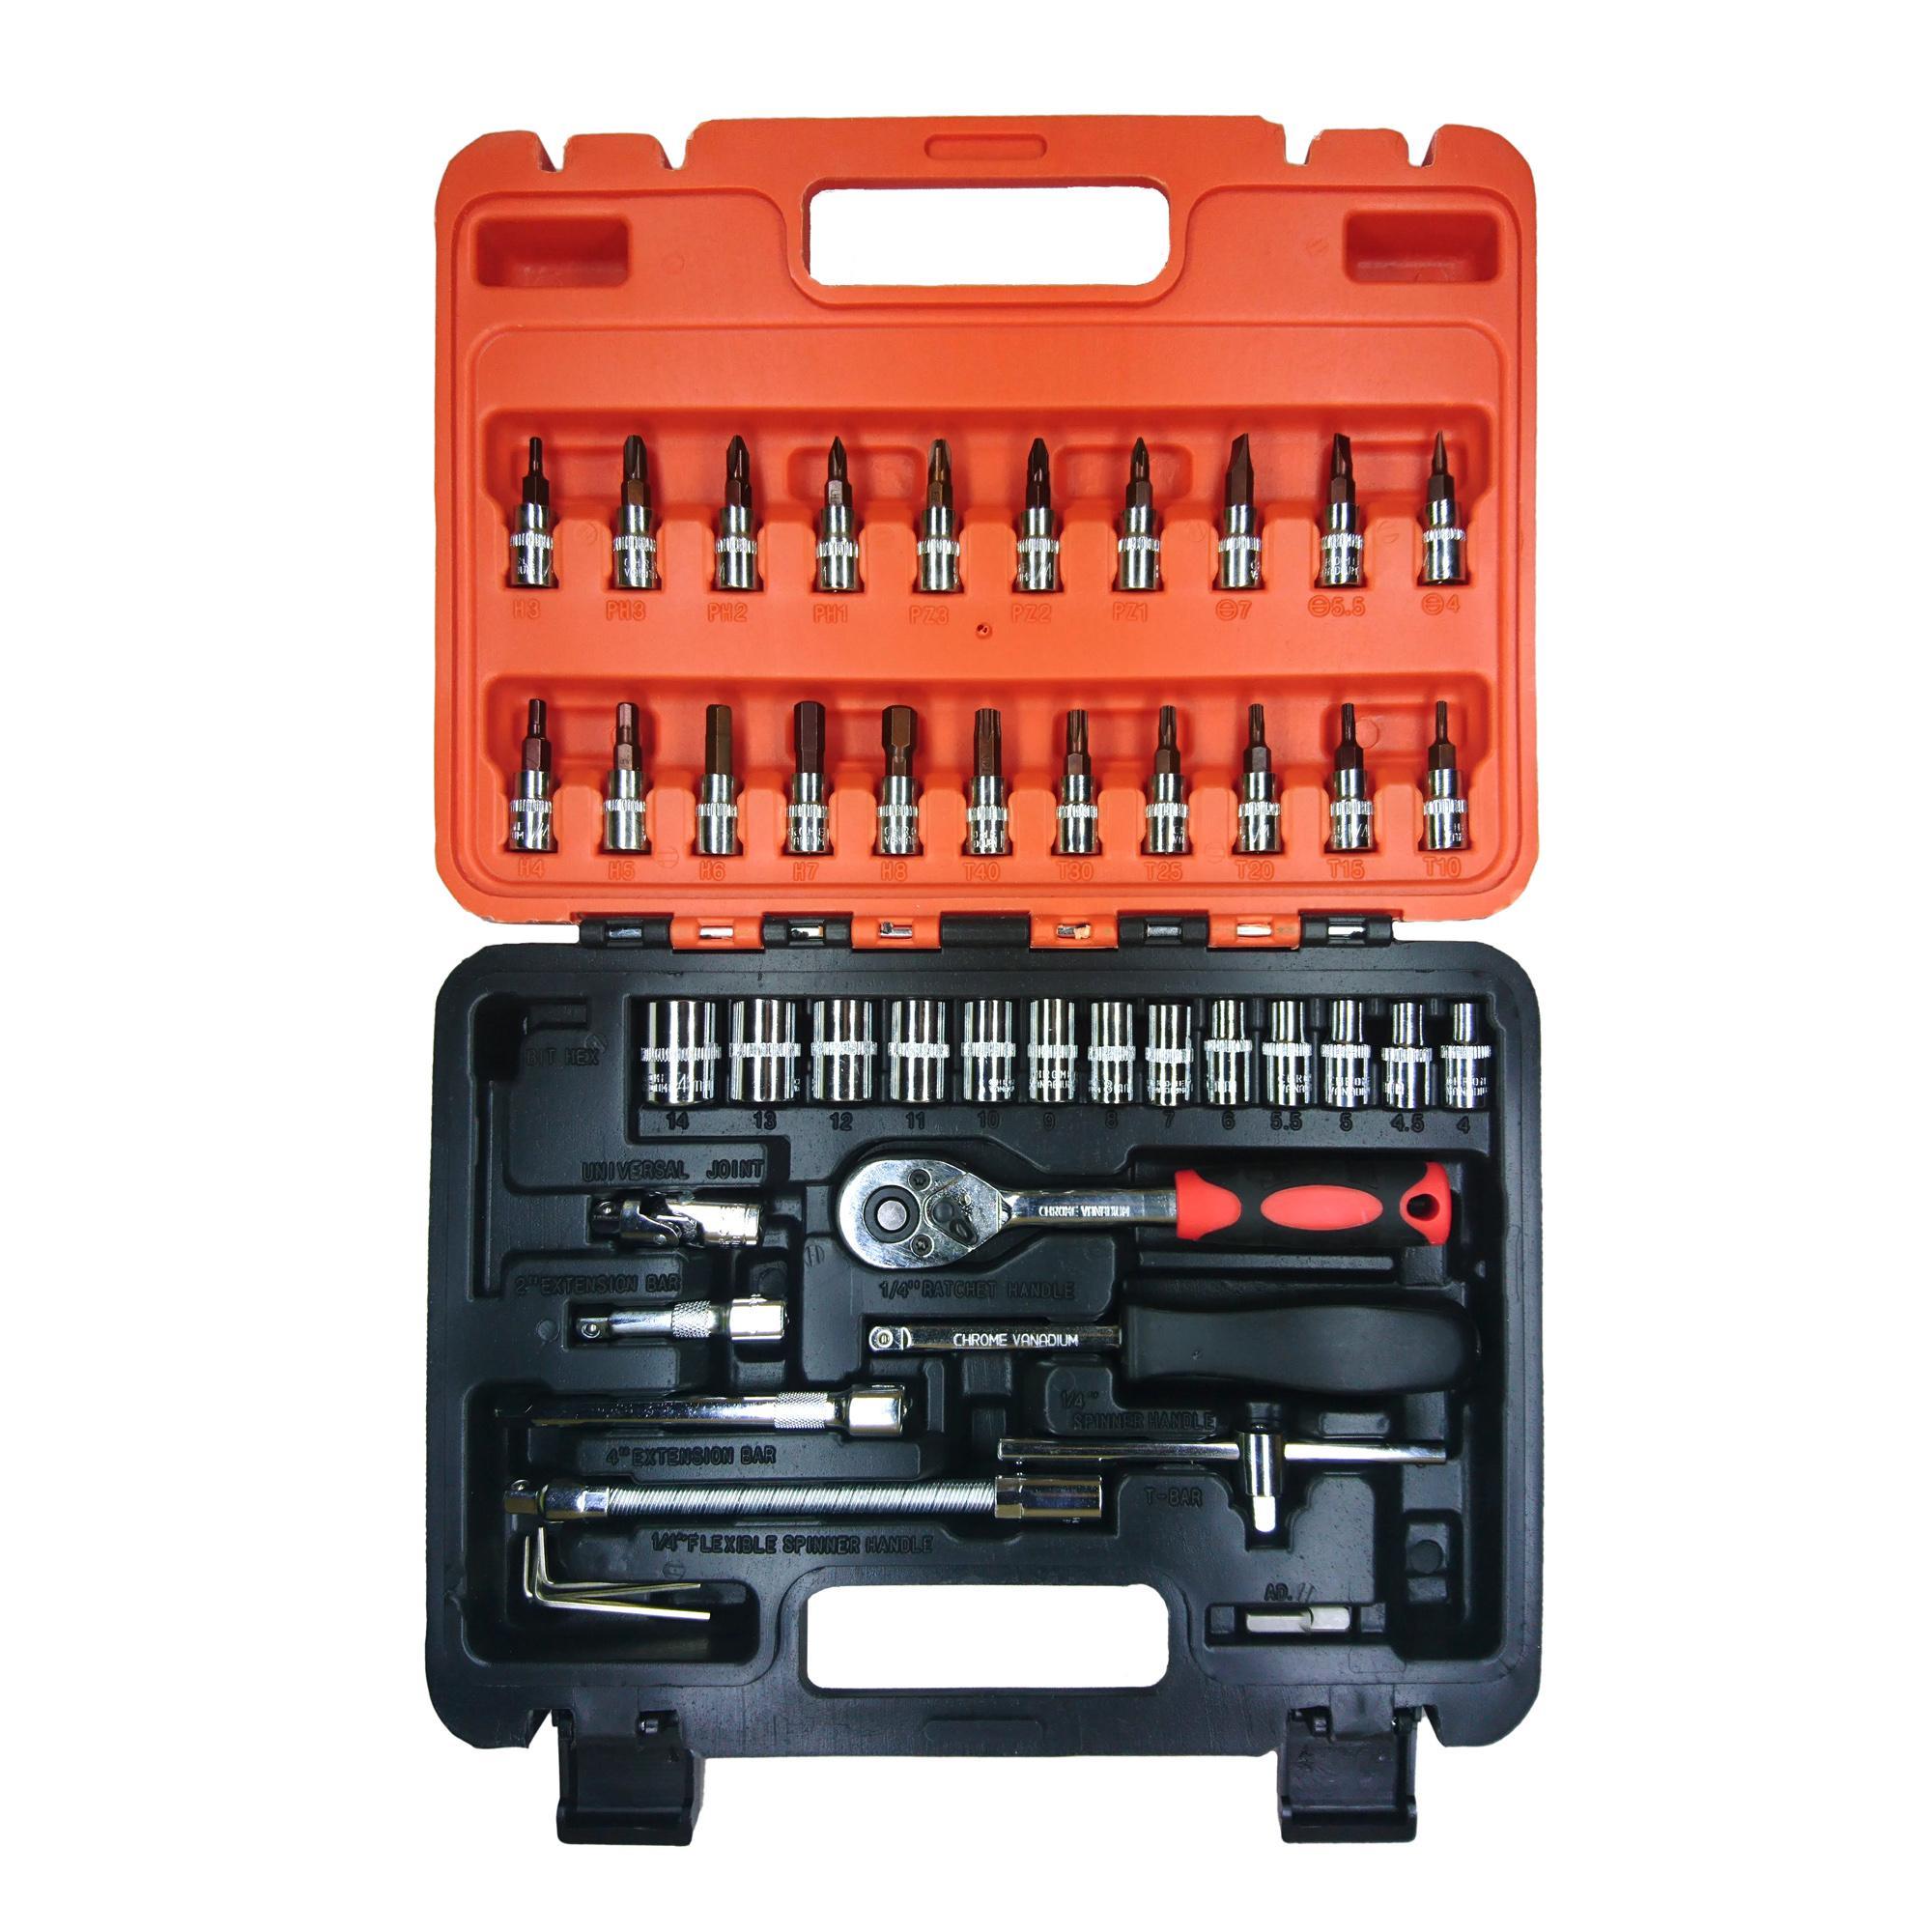 Bộ dụng cụ sửa chữa ô tô xe máy 46 món cao cấp - Bộ dụng cụ sửa chữa đa năng Satagood